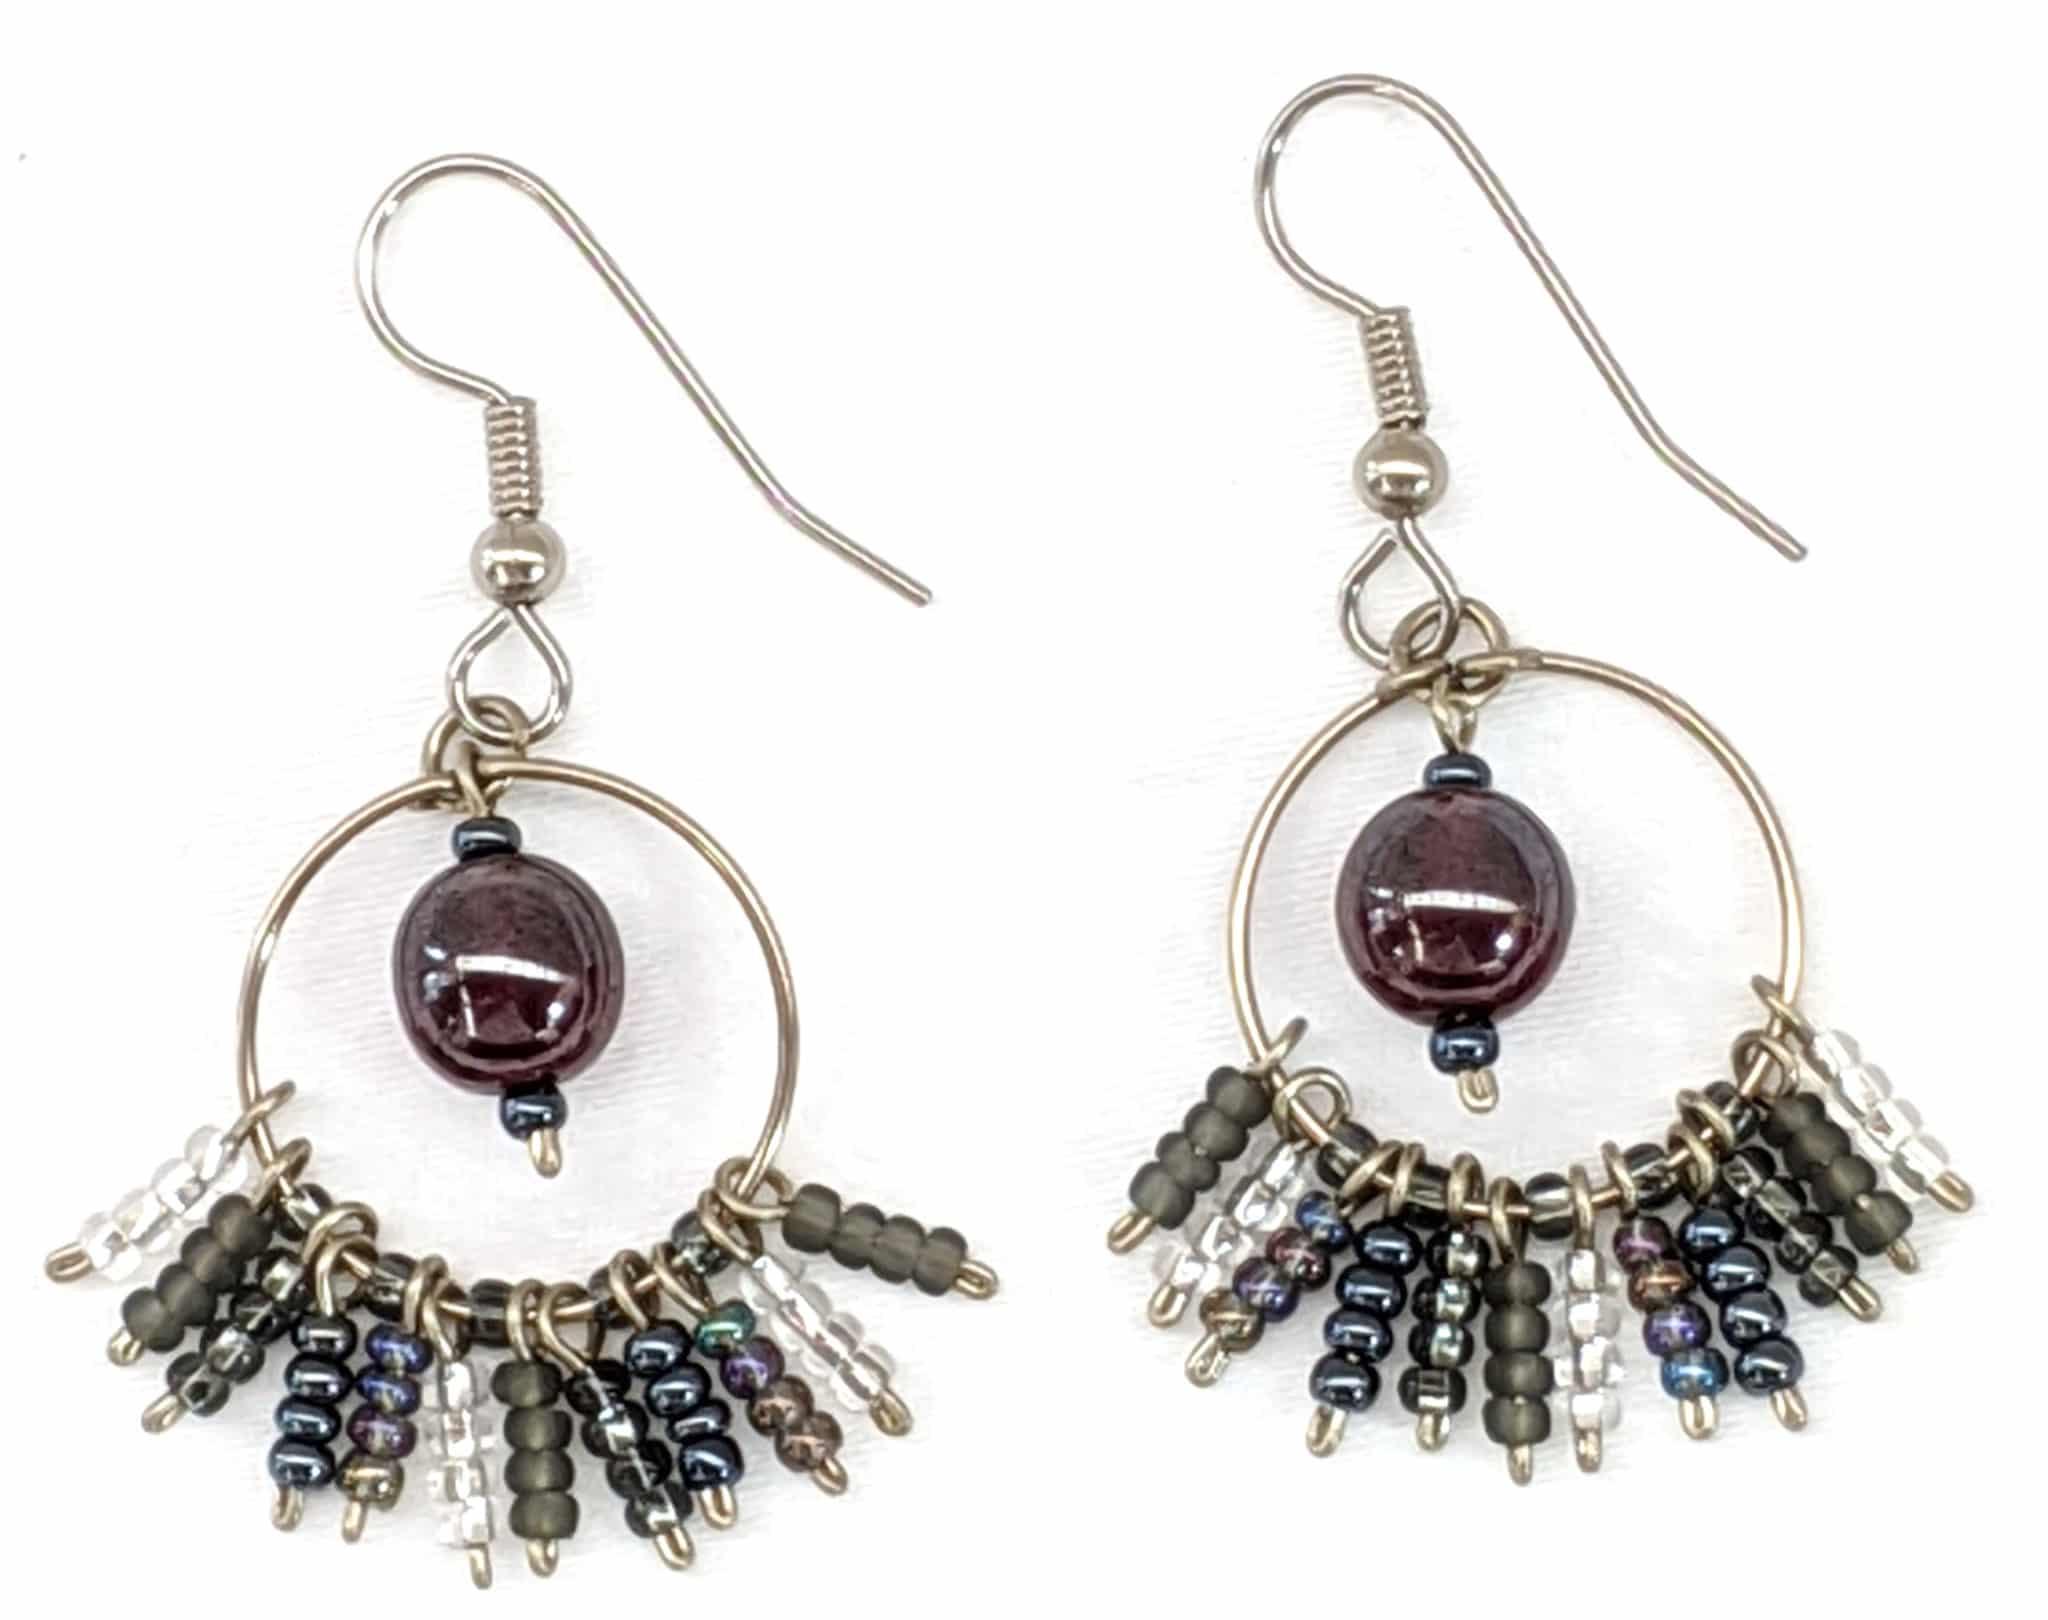 Circle Fringe Beaded Earrings - Medium Grays